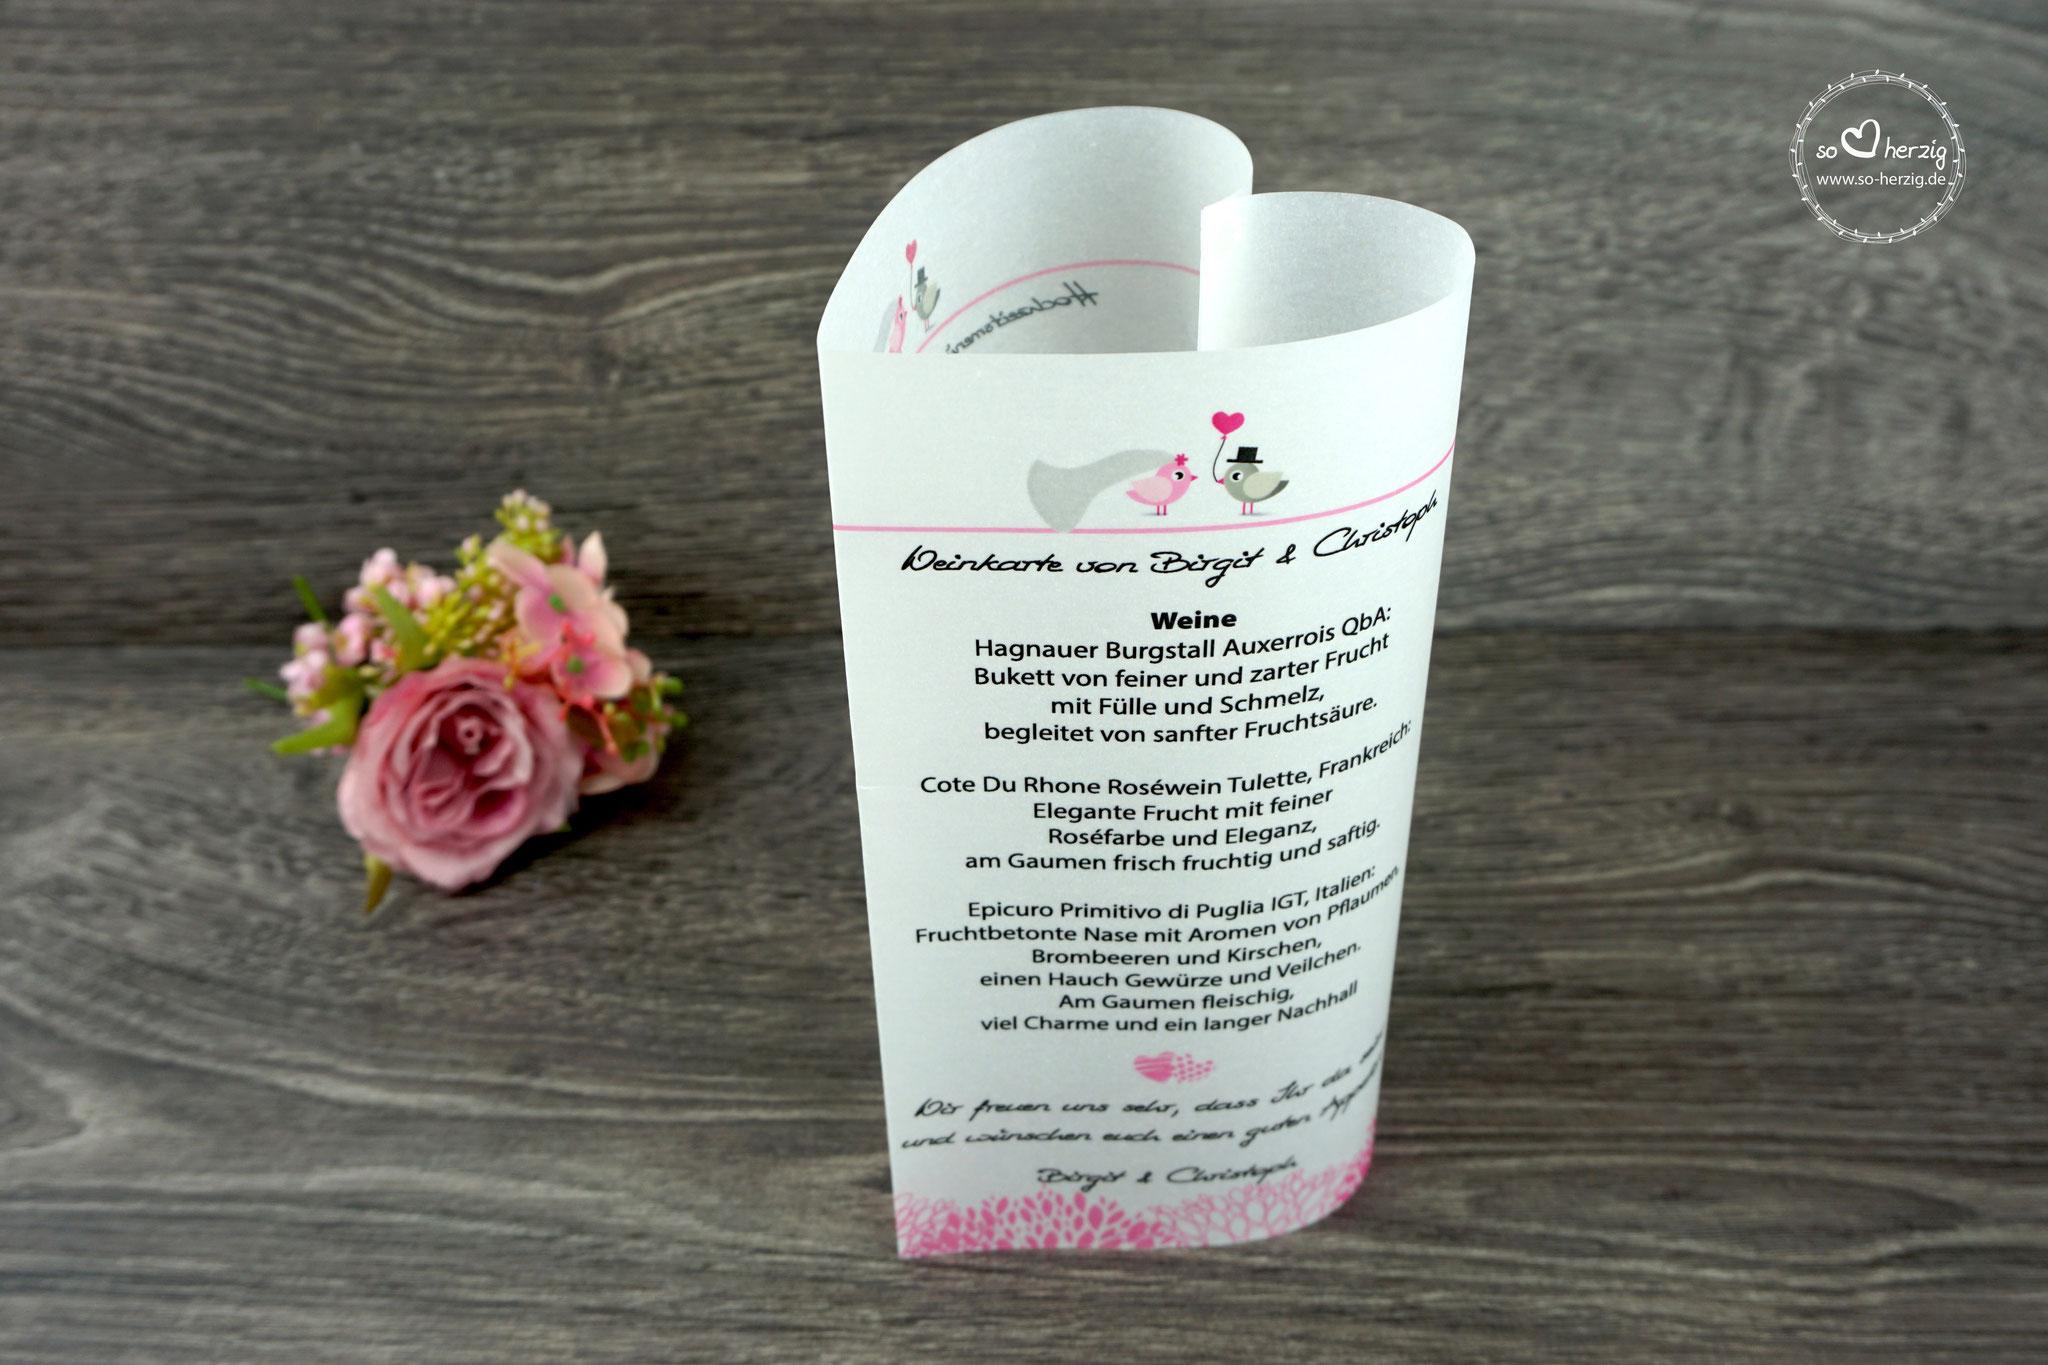 Menü,- und Getränkekarte 17cm, Design Hochzeitsvögel, Farbe Graubraun/Rosa, Schrift Wip First Lady